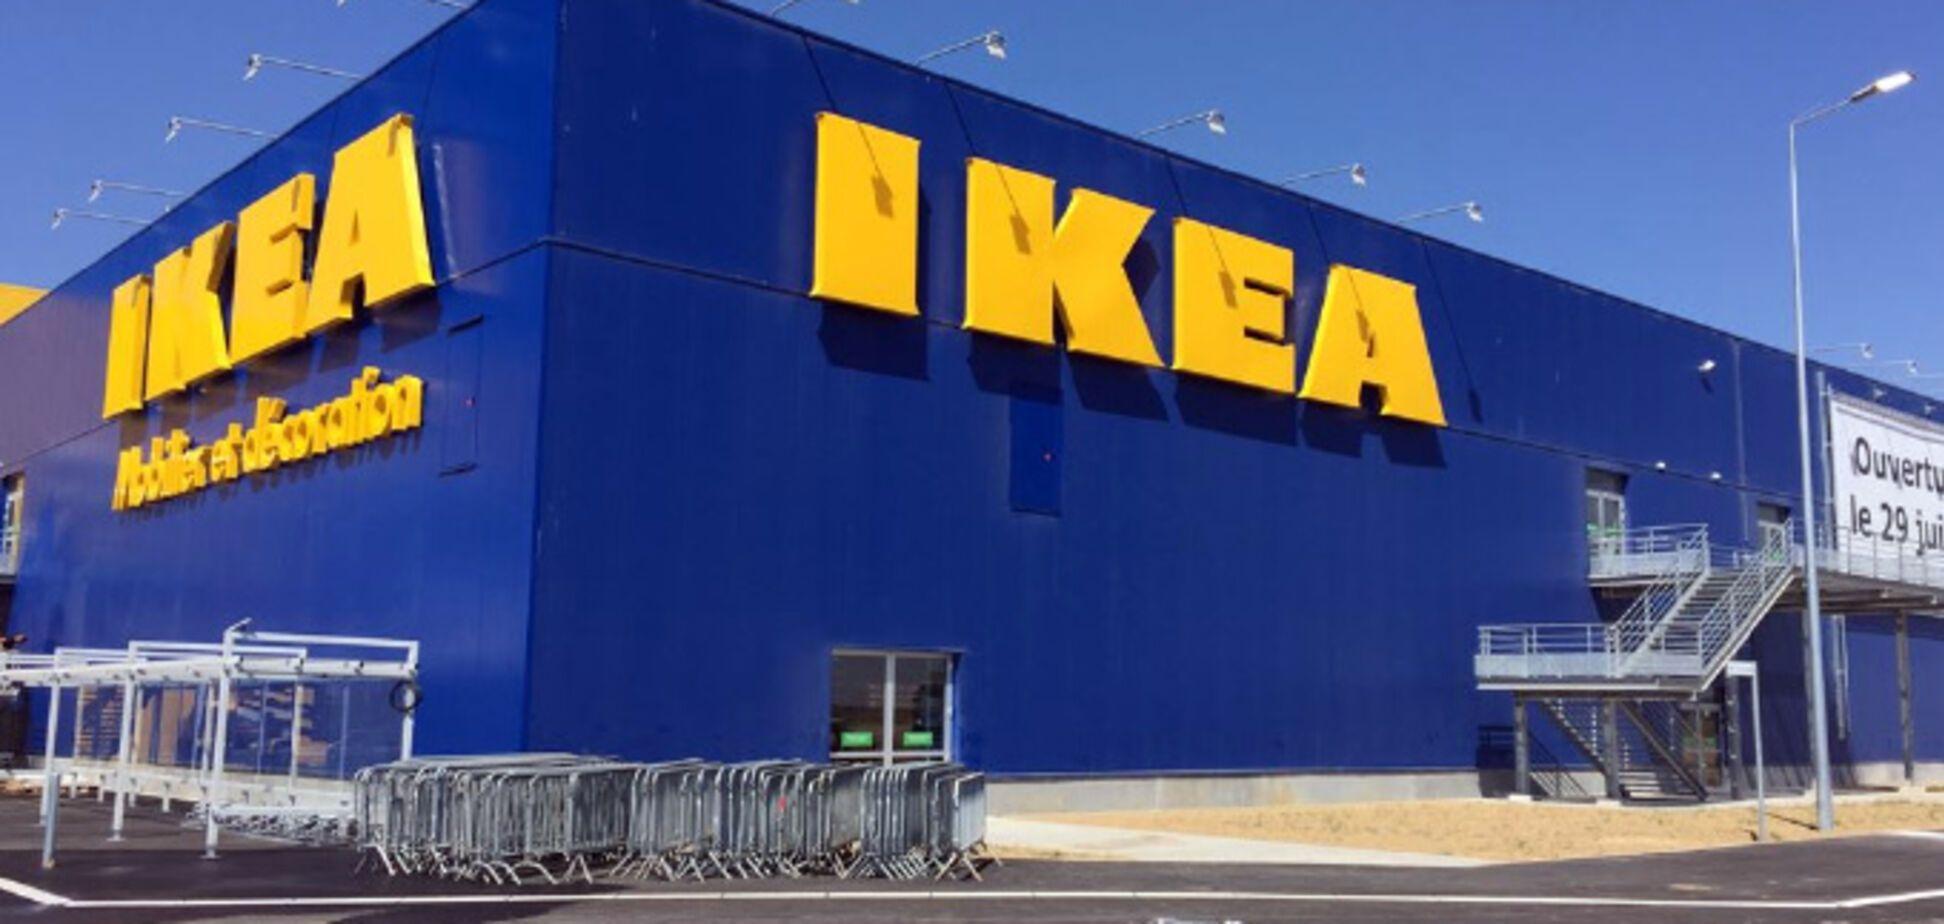 IKEA в Украине: названы главные плюсы исторической сделки